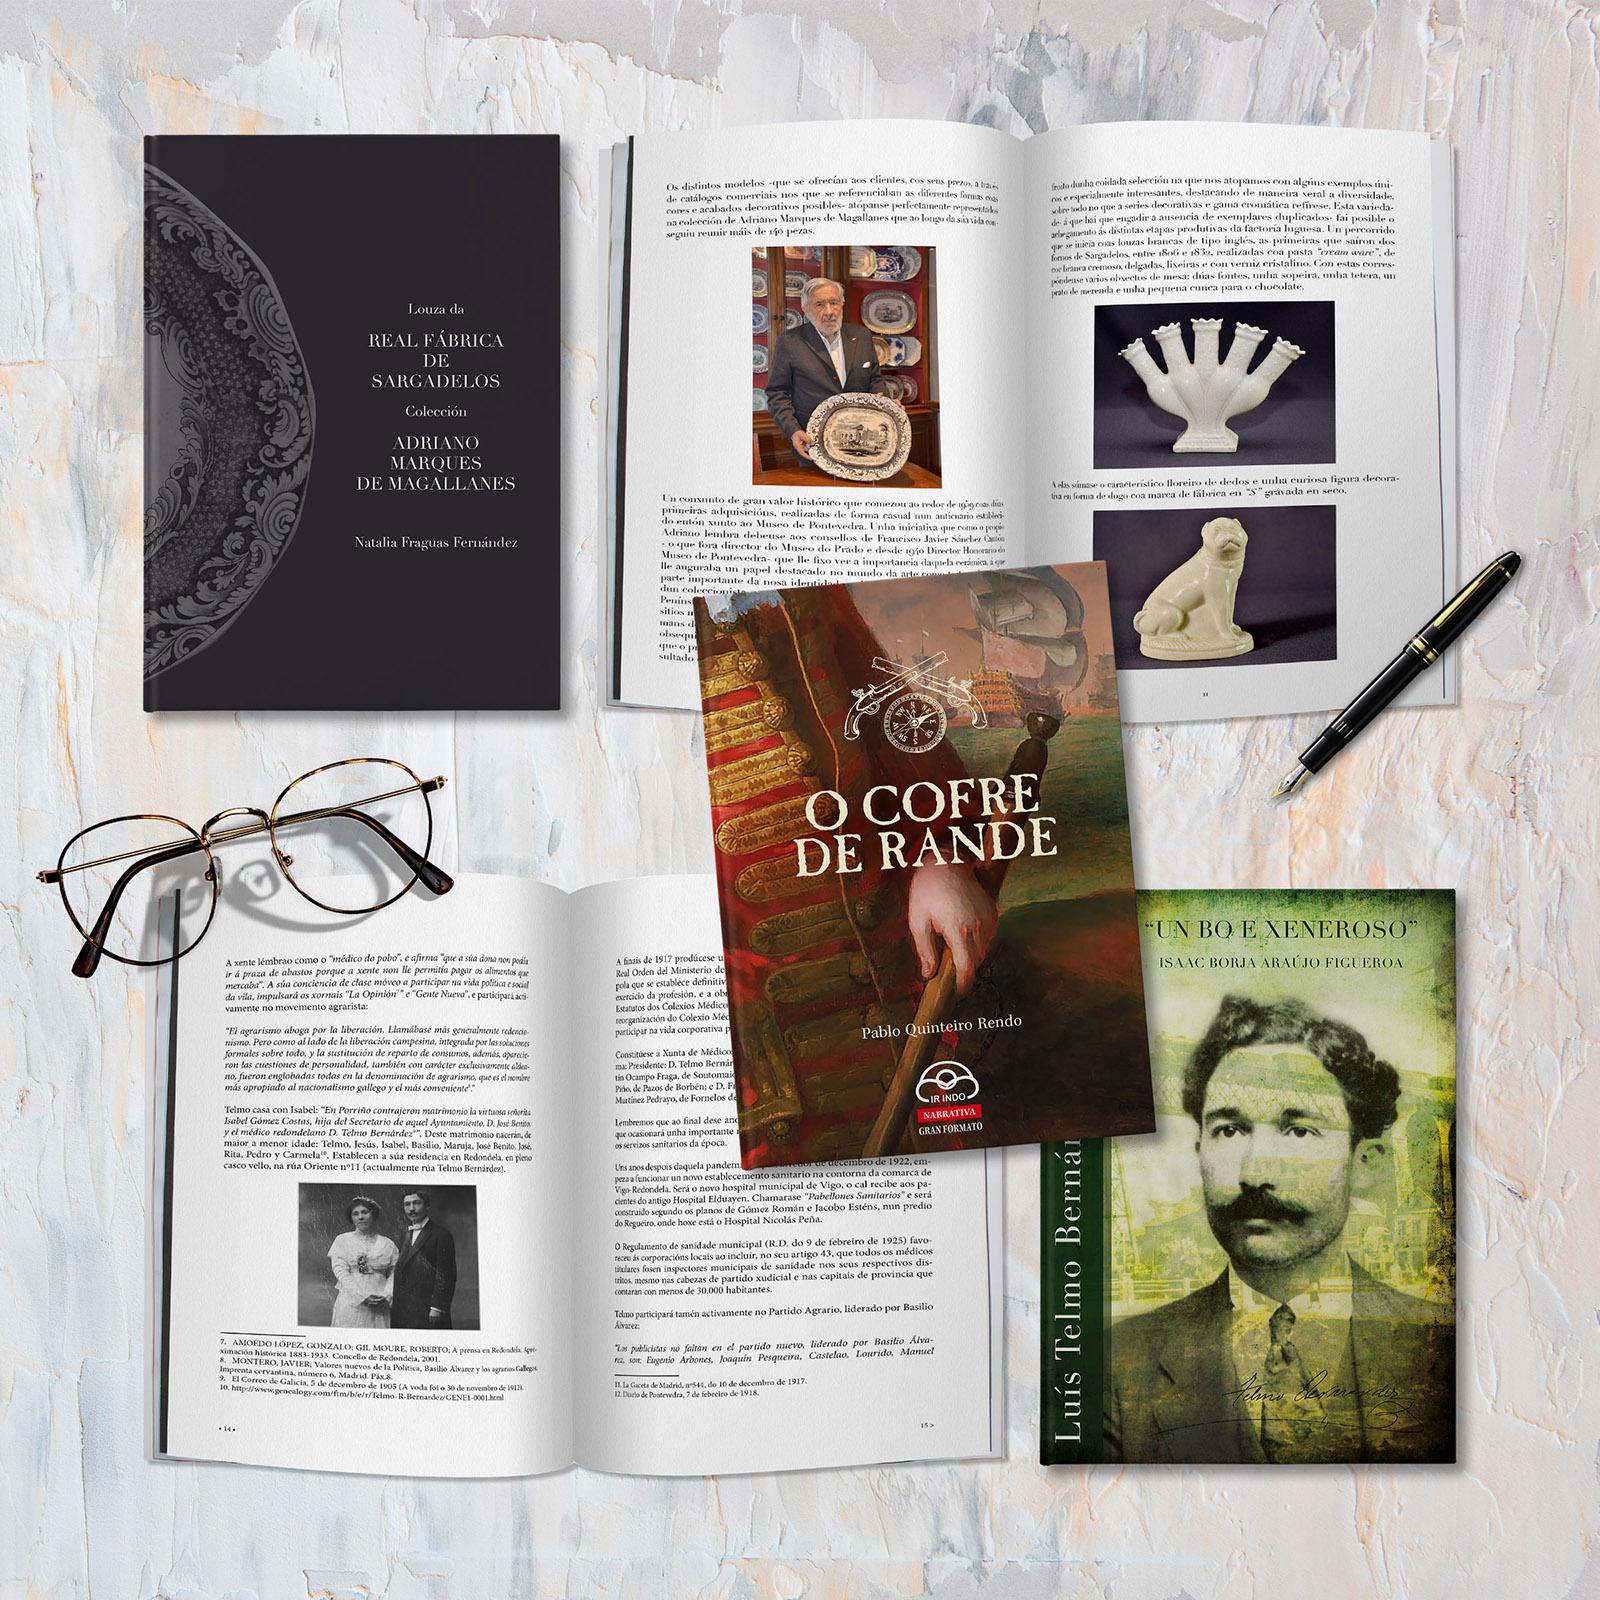 Ediciones Editorial Libros Cultura Redondela Pontevedra Diseño Publicidad Sargadelos Rande Maquetación